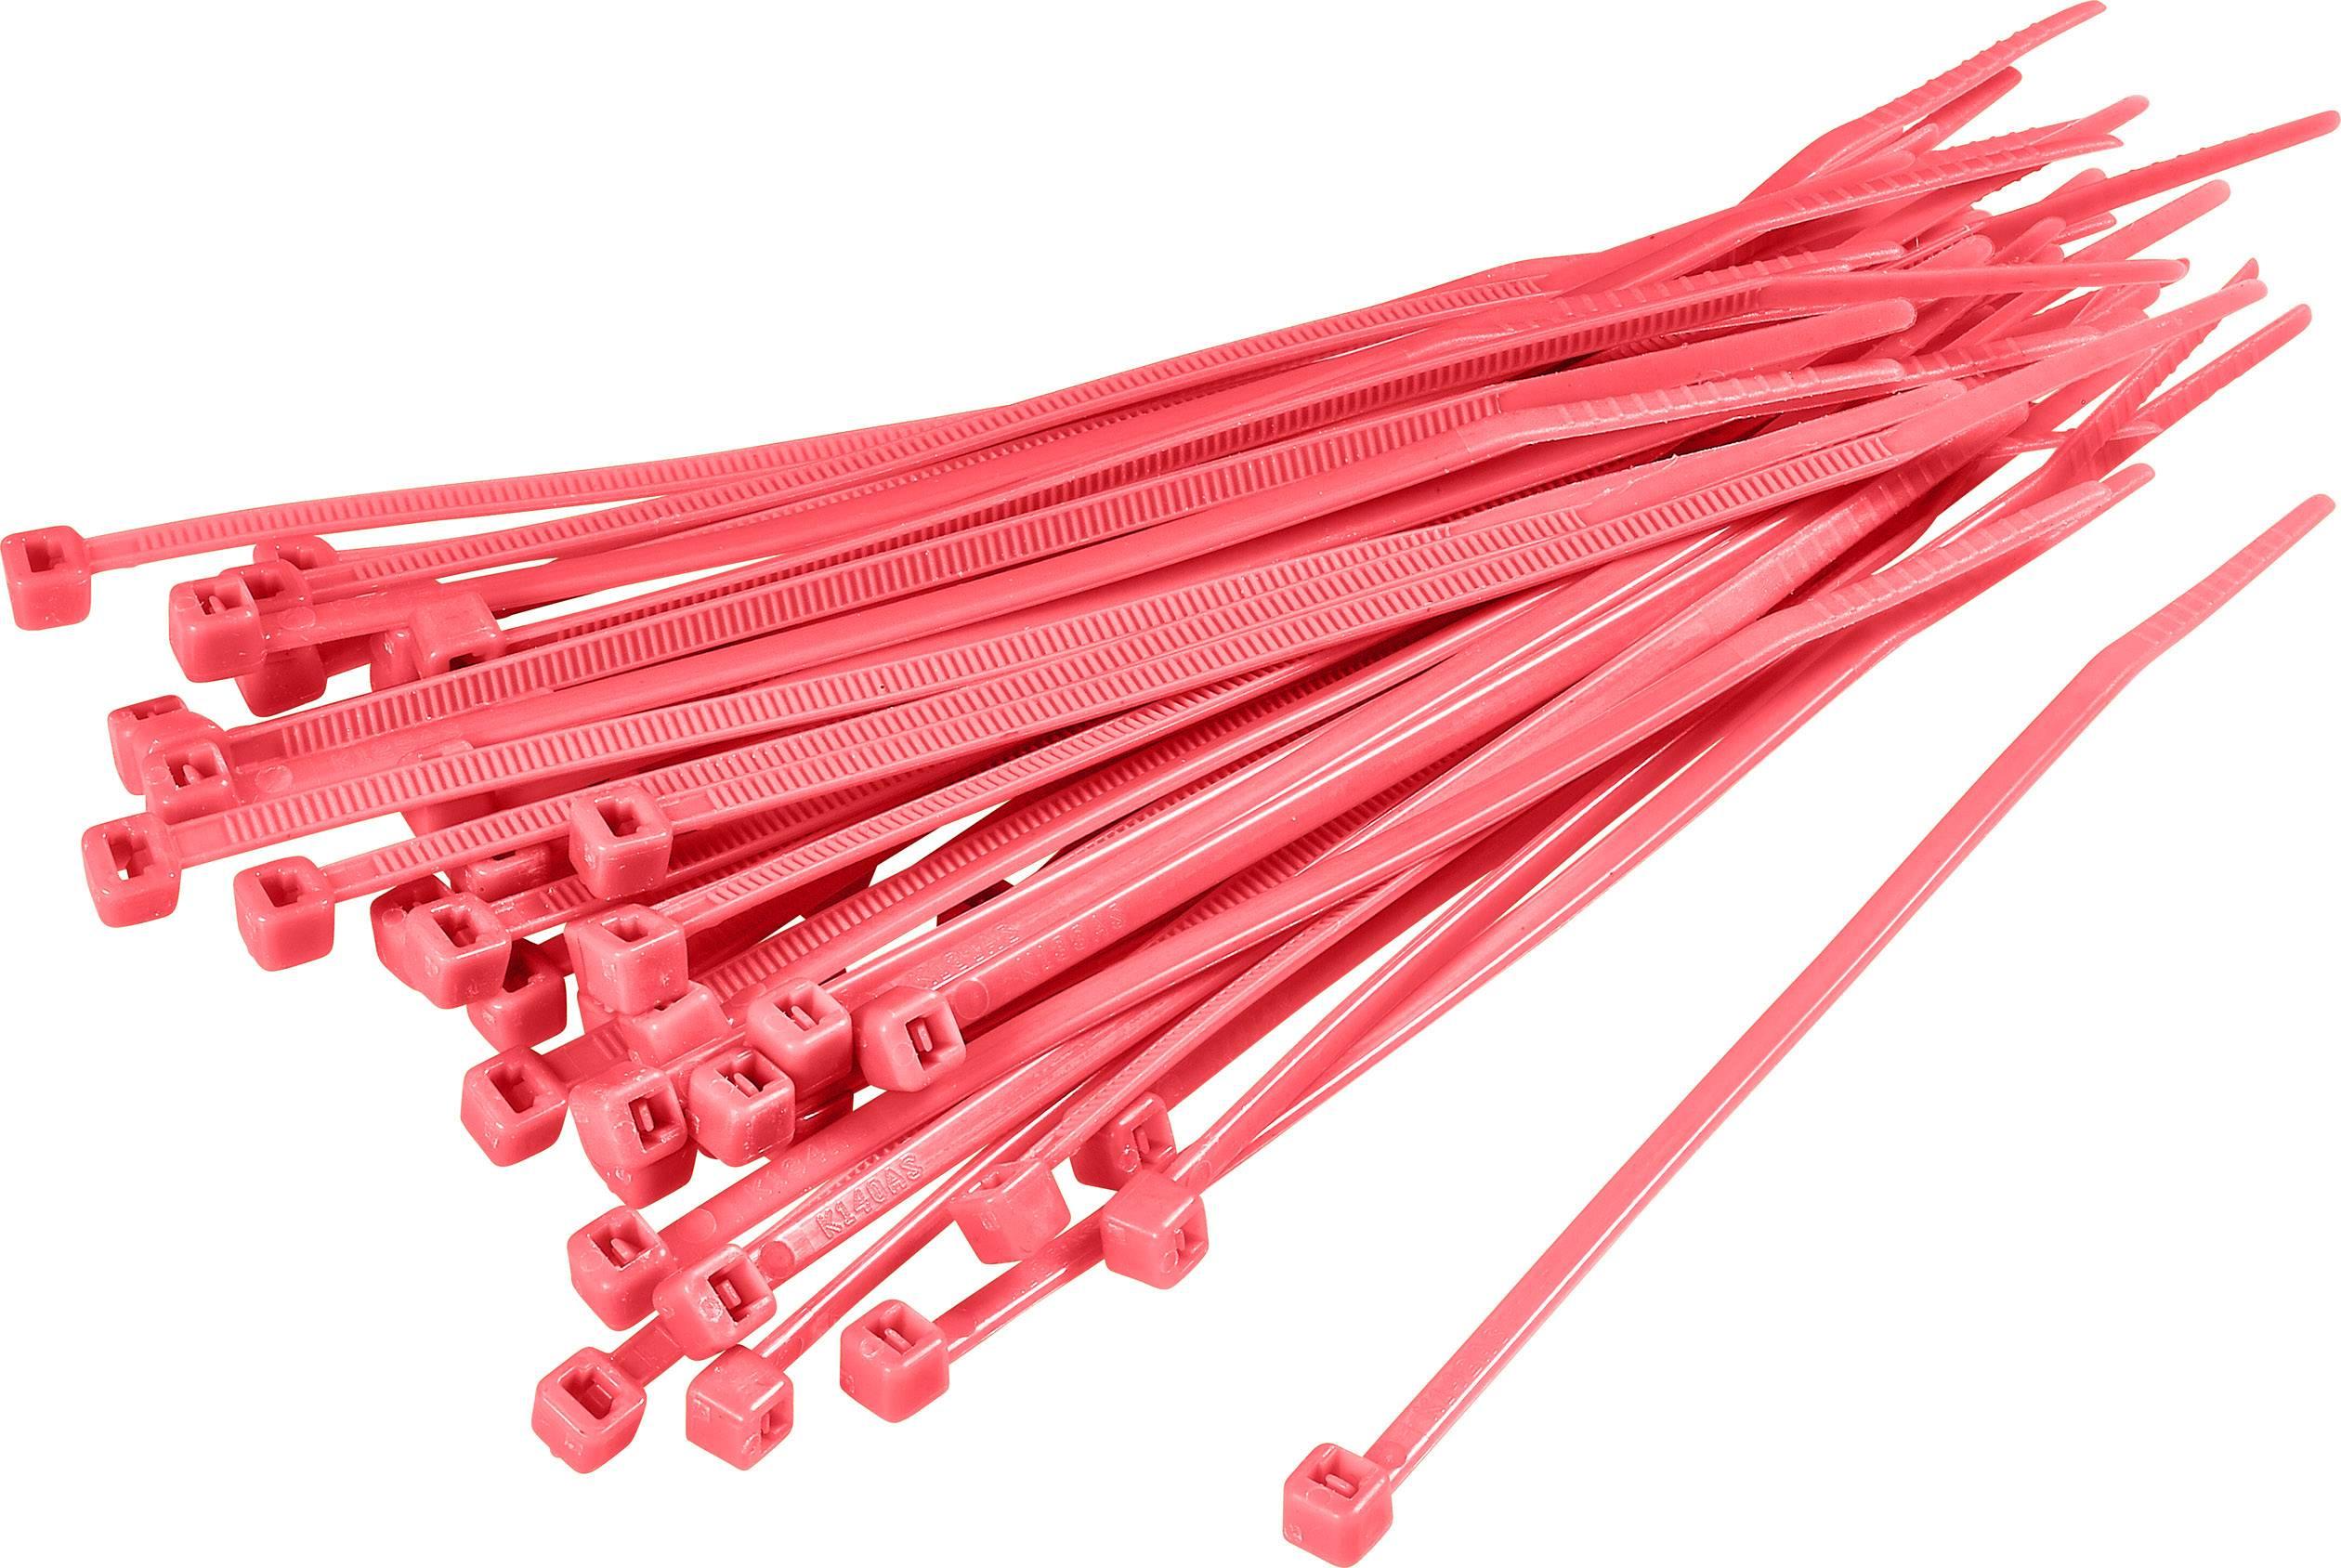 Sťahovacie pásky KSS CV100 1369077, 100 mm, červená, 100 ks